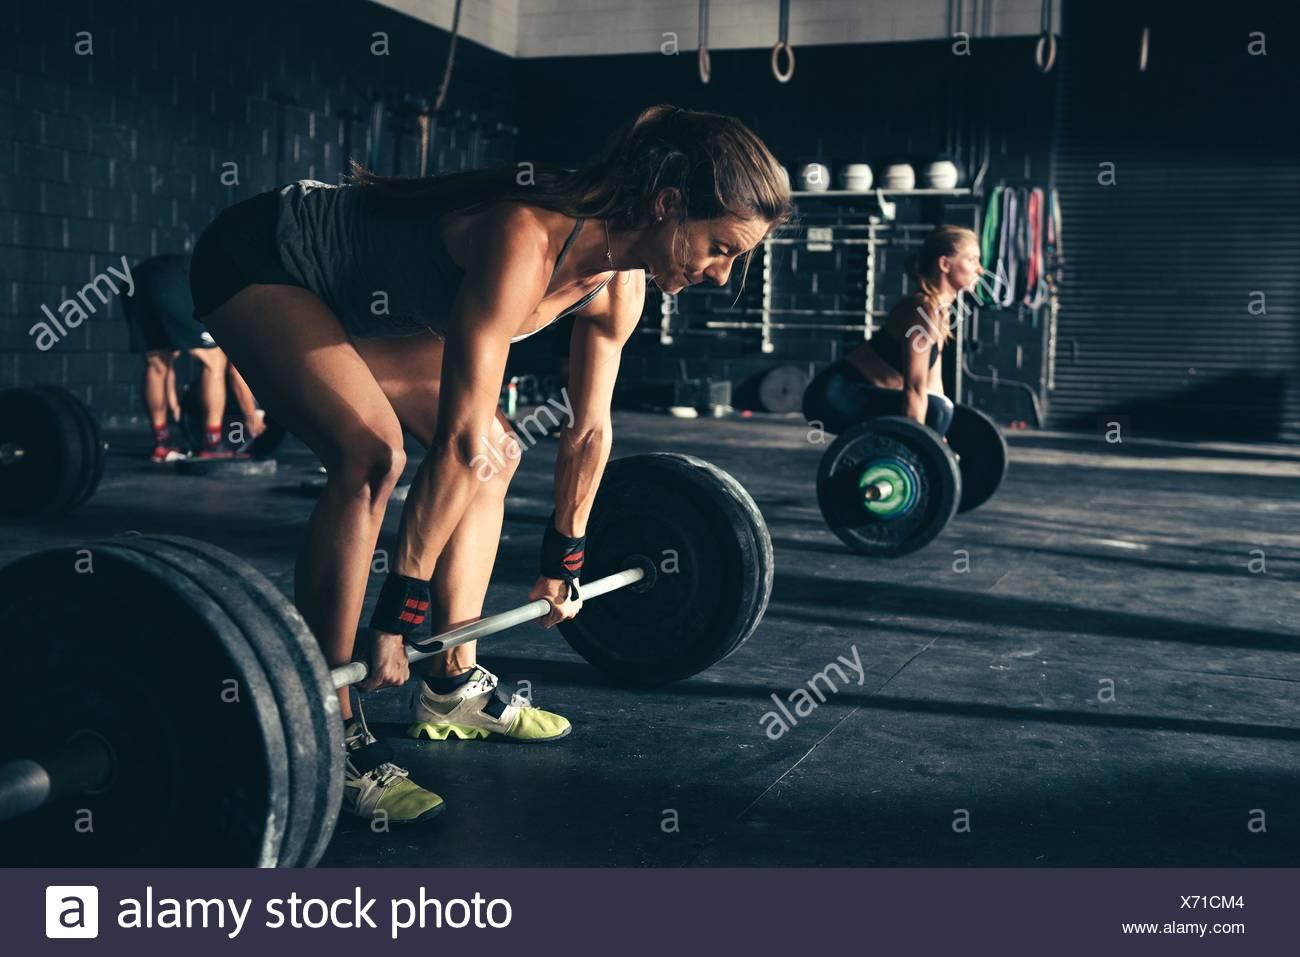 Formación para mujeres con barras en el gimnasio Imagen De Stock